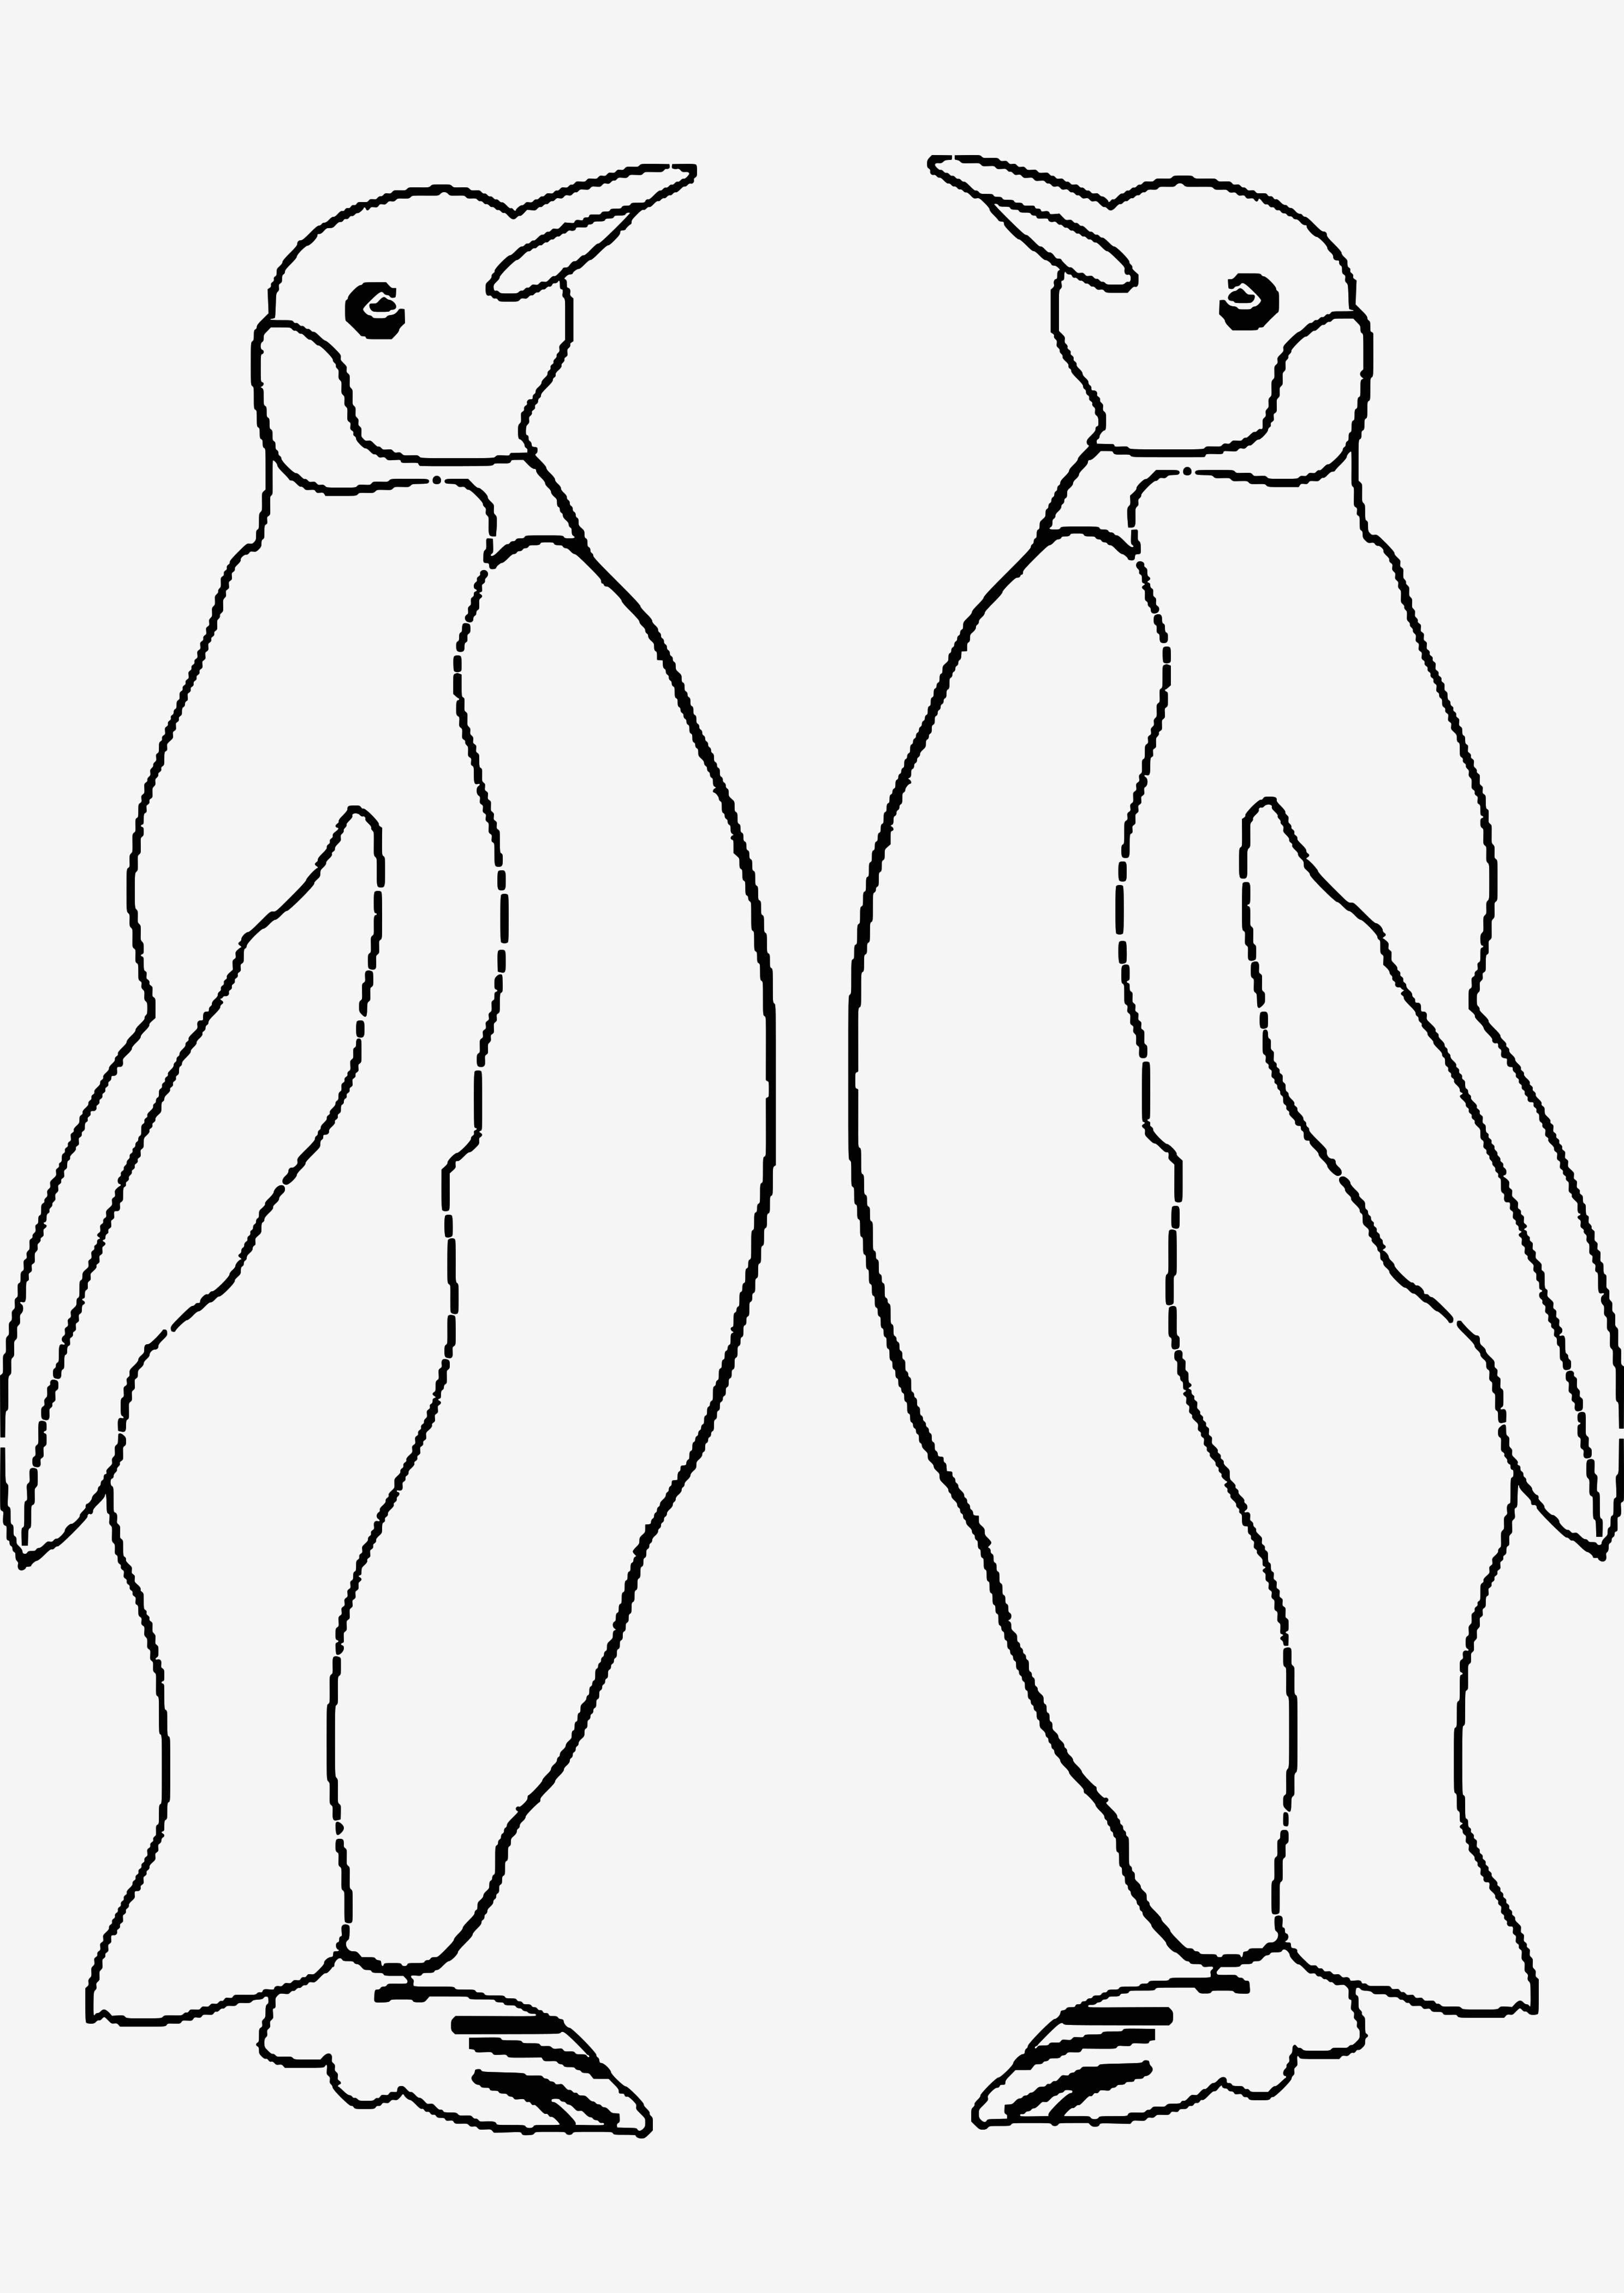 Pinguin Vorlage Zum Ausmalen Das Beste Von Eine Sammlung Von Färbung Bilder Pinguin Ausmalbilder Bilder